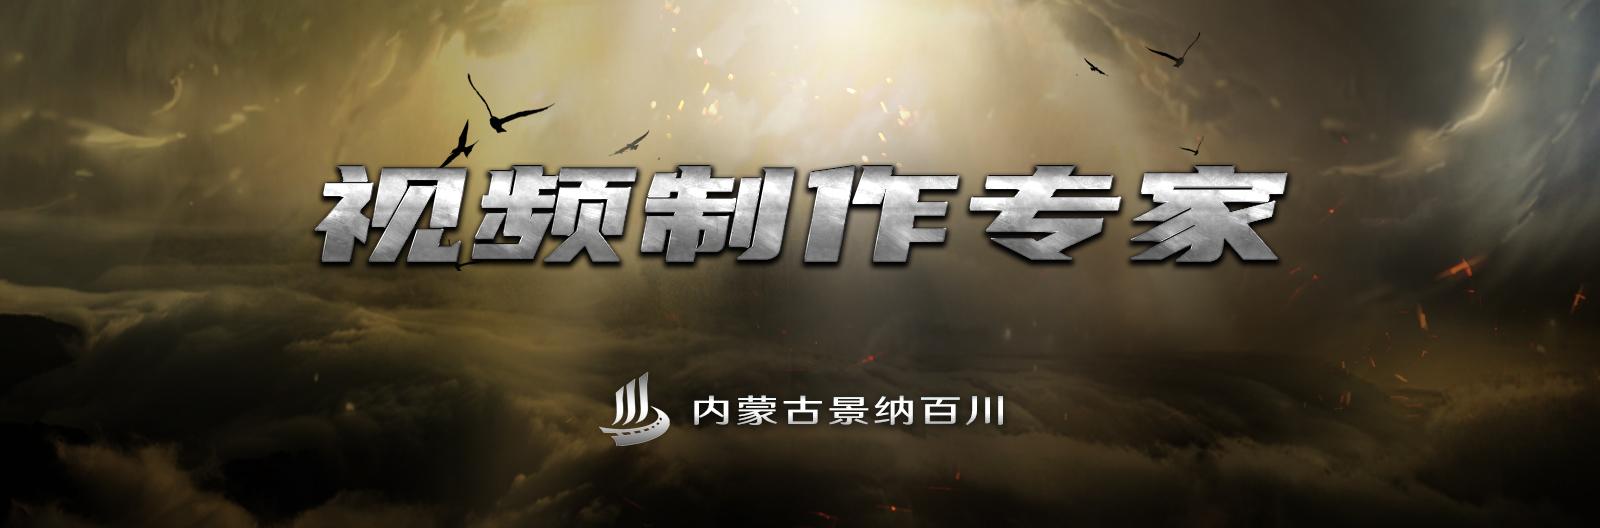 北京会议开场视频